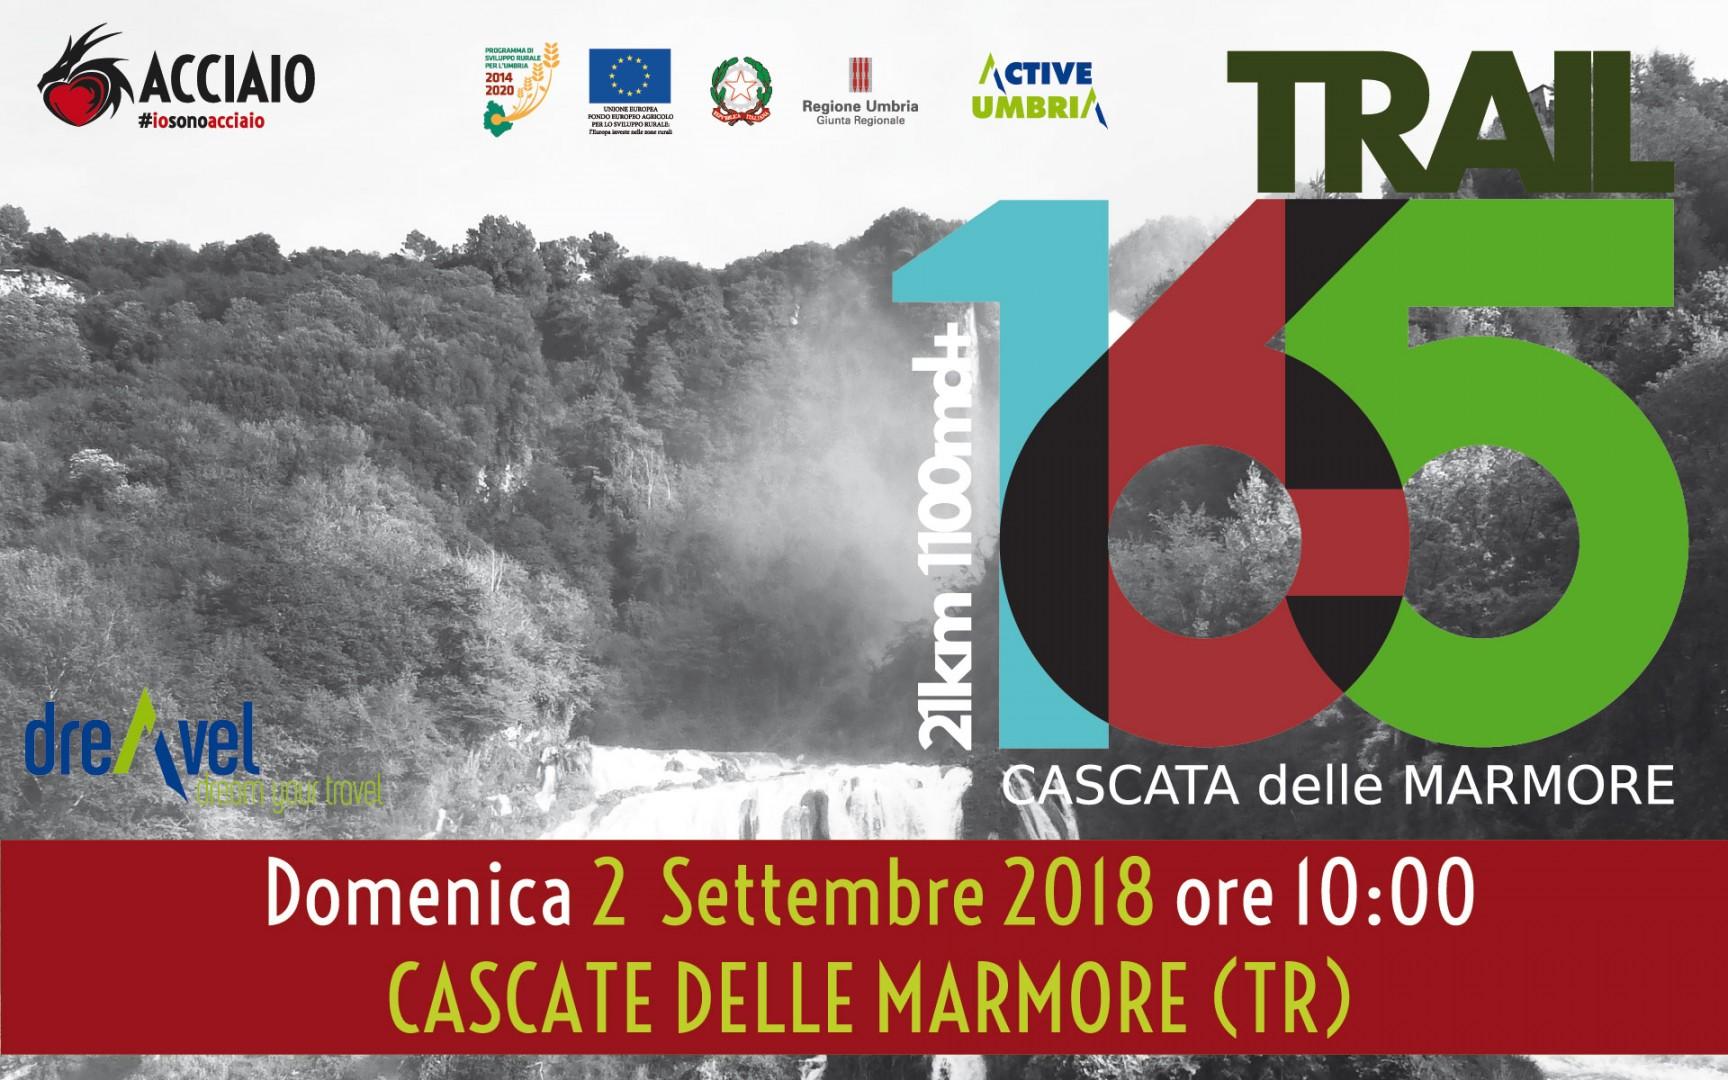 Trail 165 - Cascata delle Marmore 5 Edizione